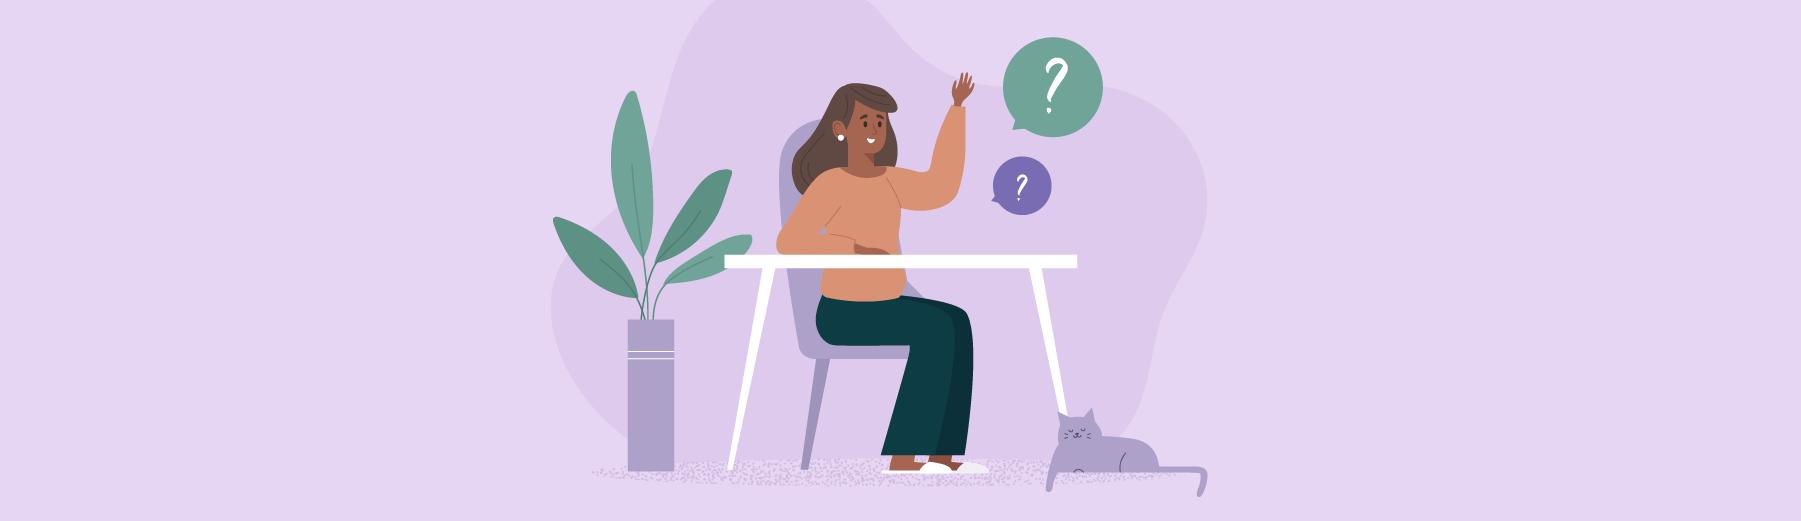 An FAQ on creating FAQs | Brafton